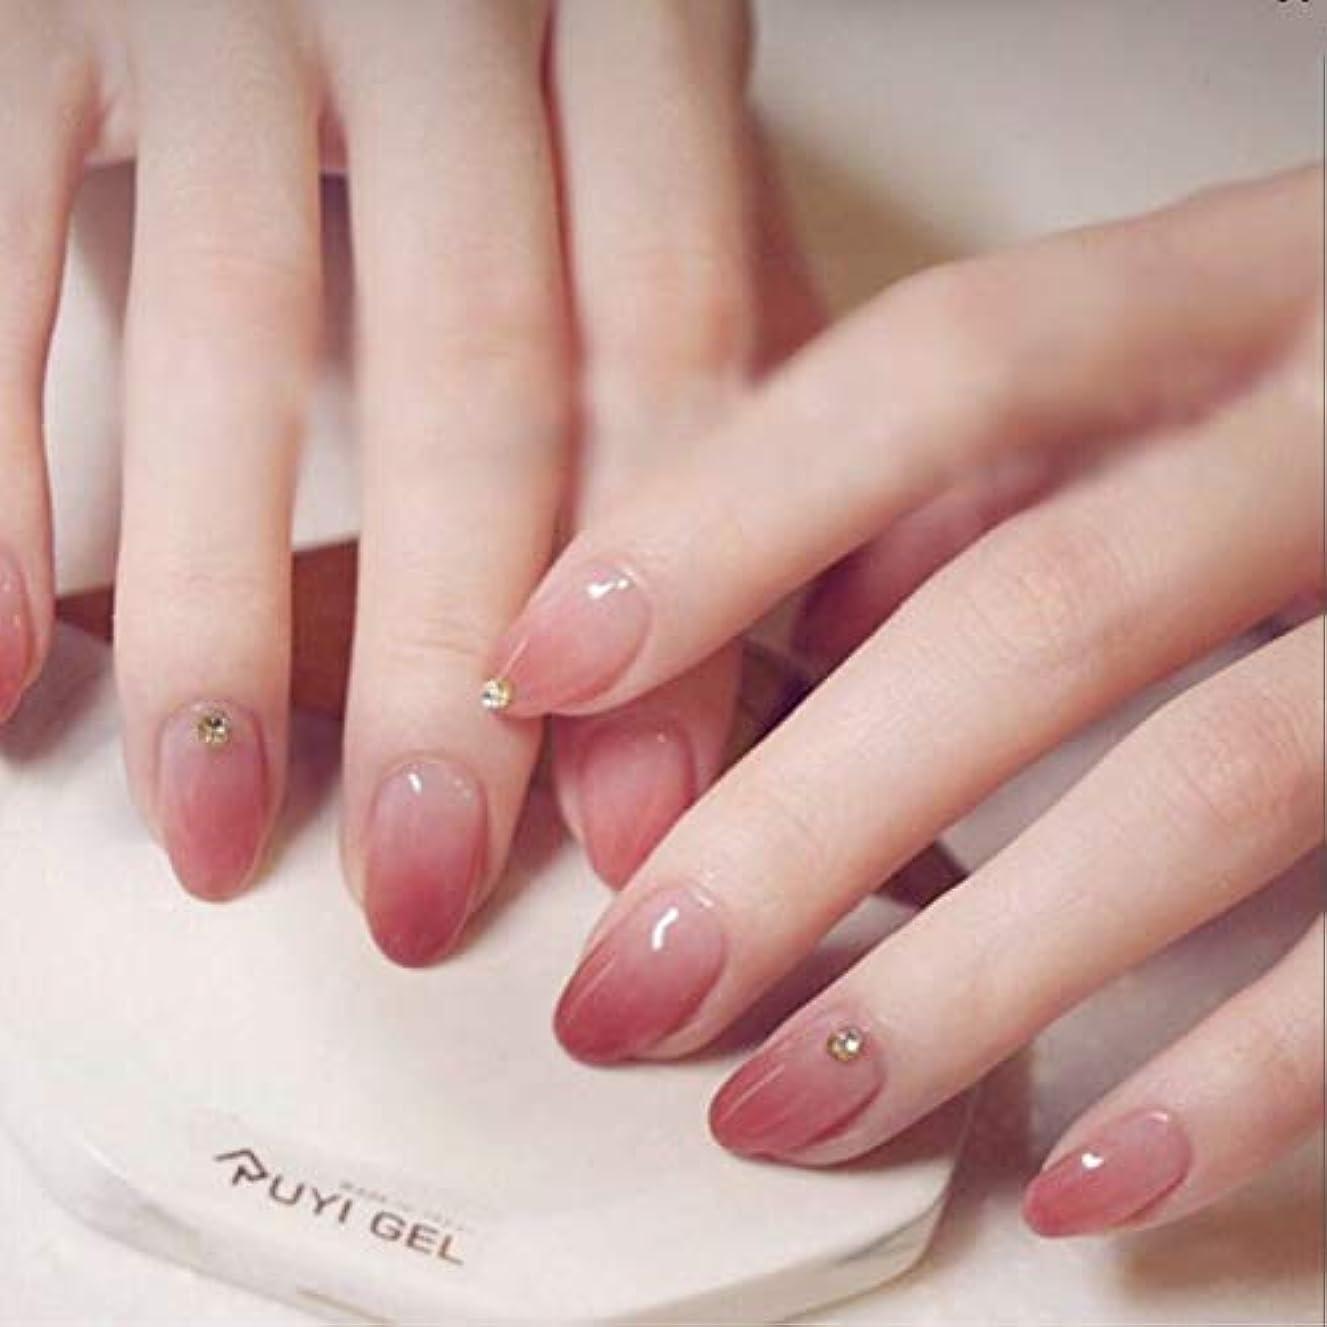 家具作動するホテルミディアムサイズネイルチップ ピンク色変化ネイル ラインストーンが付き 手作りネイル ins風ネイル お嫁ネイル つけ爪